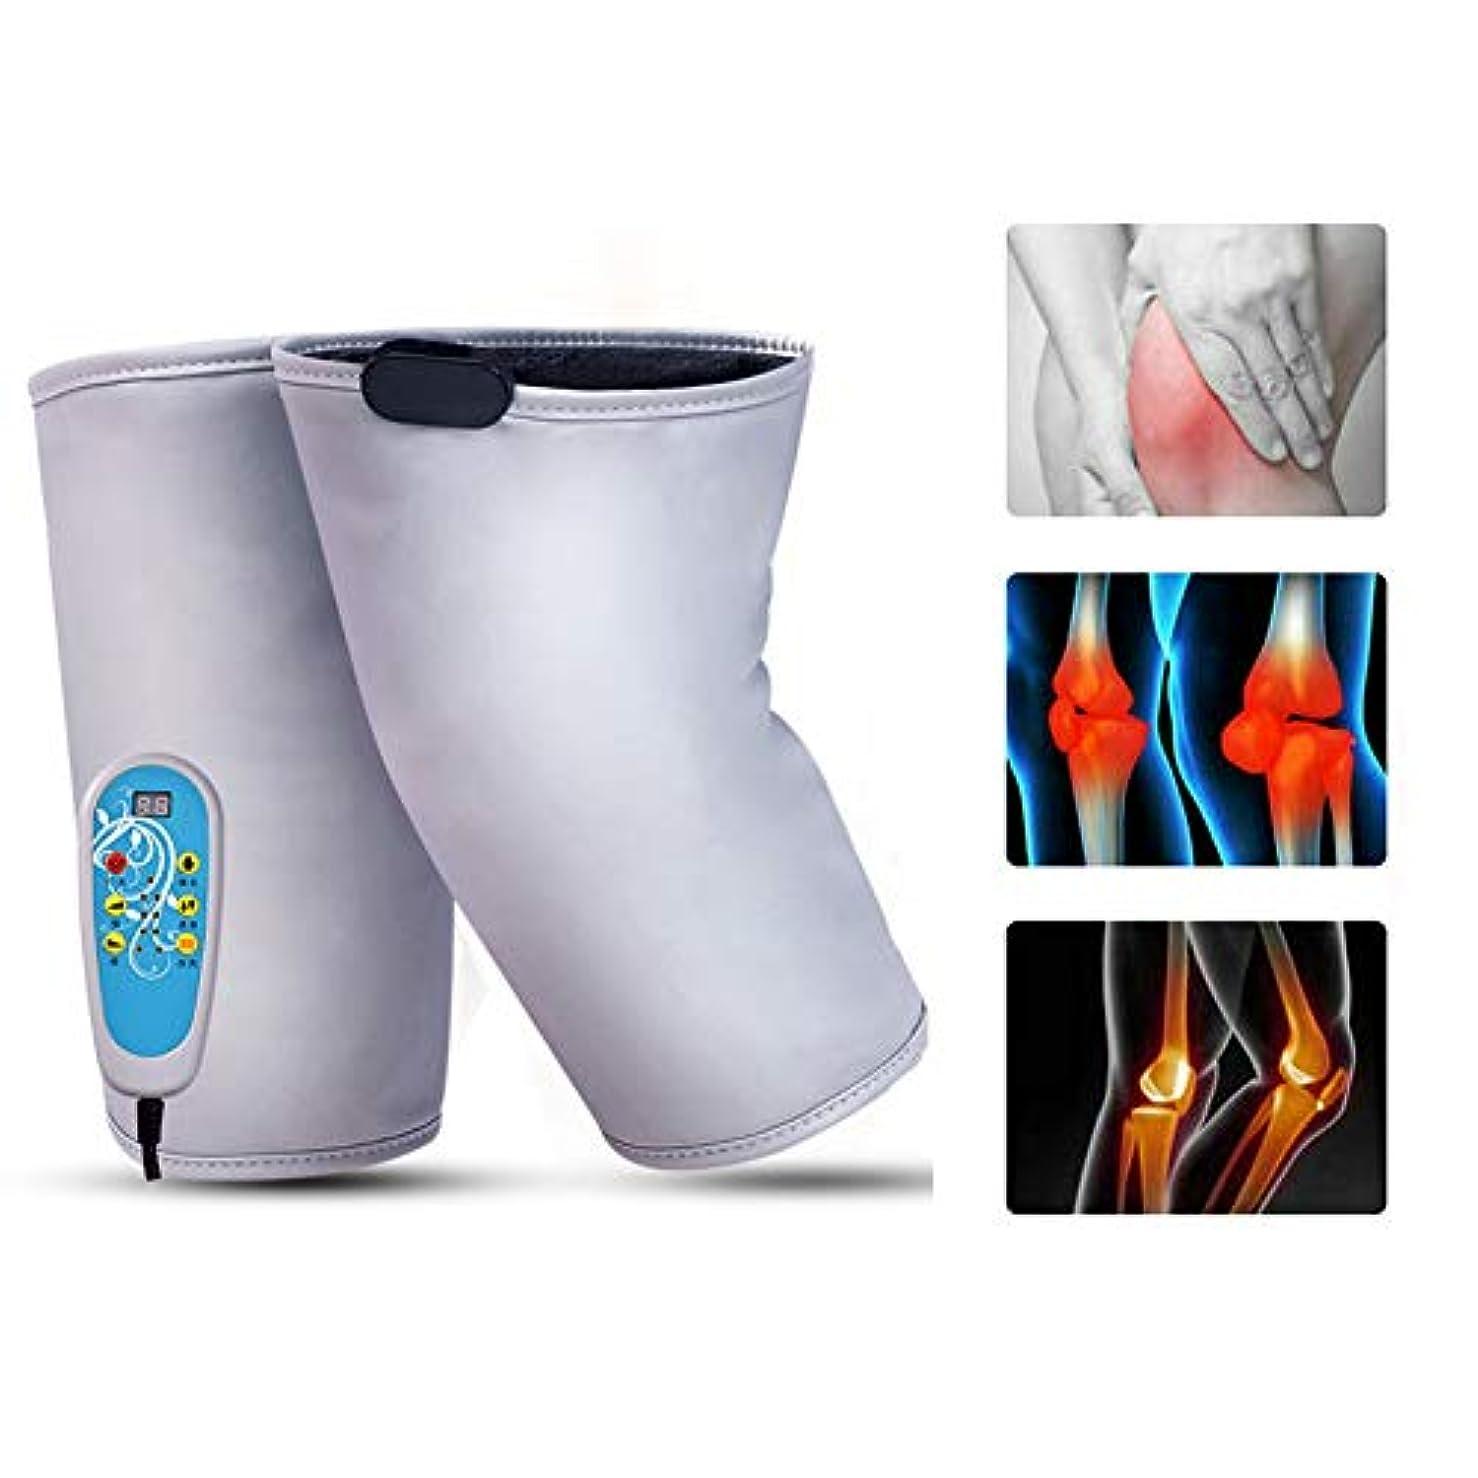 緊張シェフ練る暖房膝装具サポート1対加熱膝パッドウォームラップ - 膝のけが、痛みを軽減するための9マッサージモードのセラピーマッサージャー